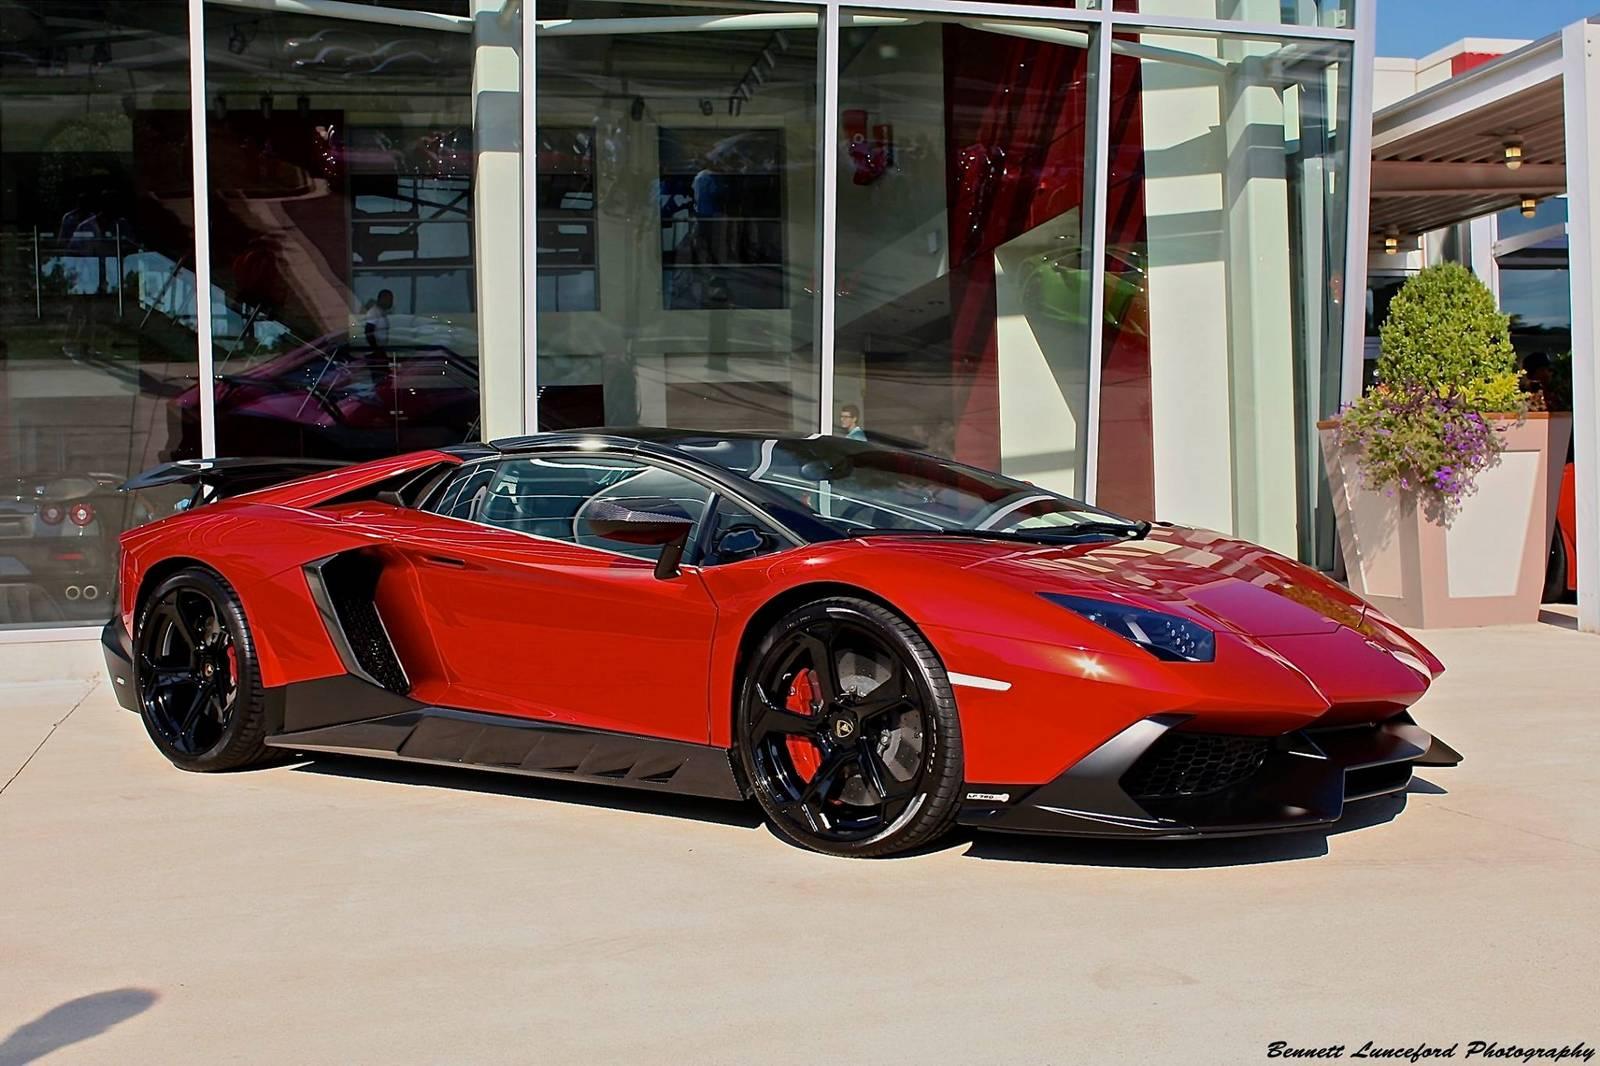 dj afrojacks new rosso bia lamborghini aventador sv gtspirit lamborghini pictures pinterest lamborghini aventador lamborghini and hot cars